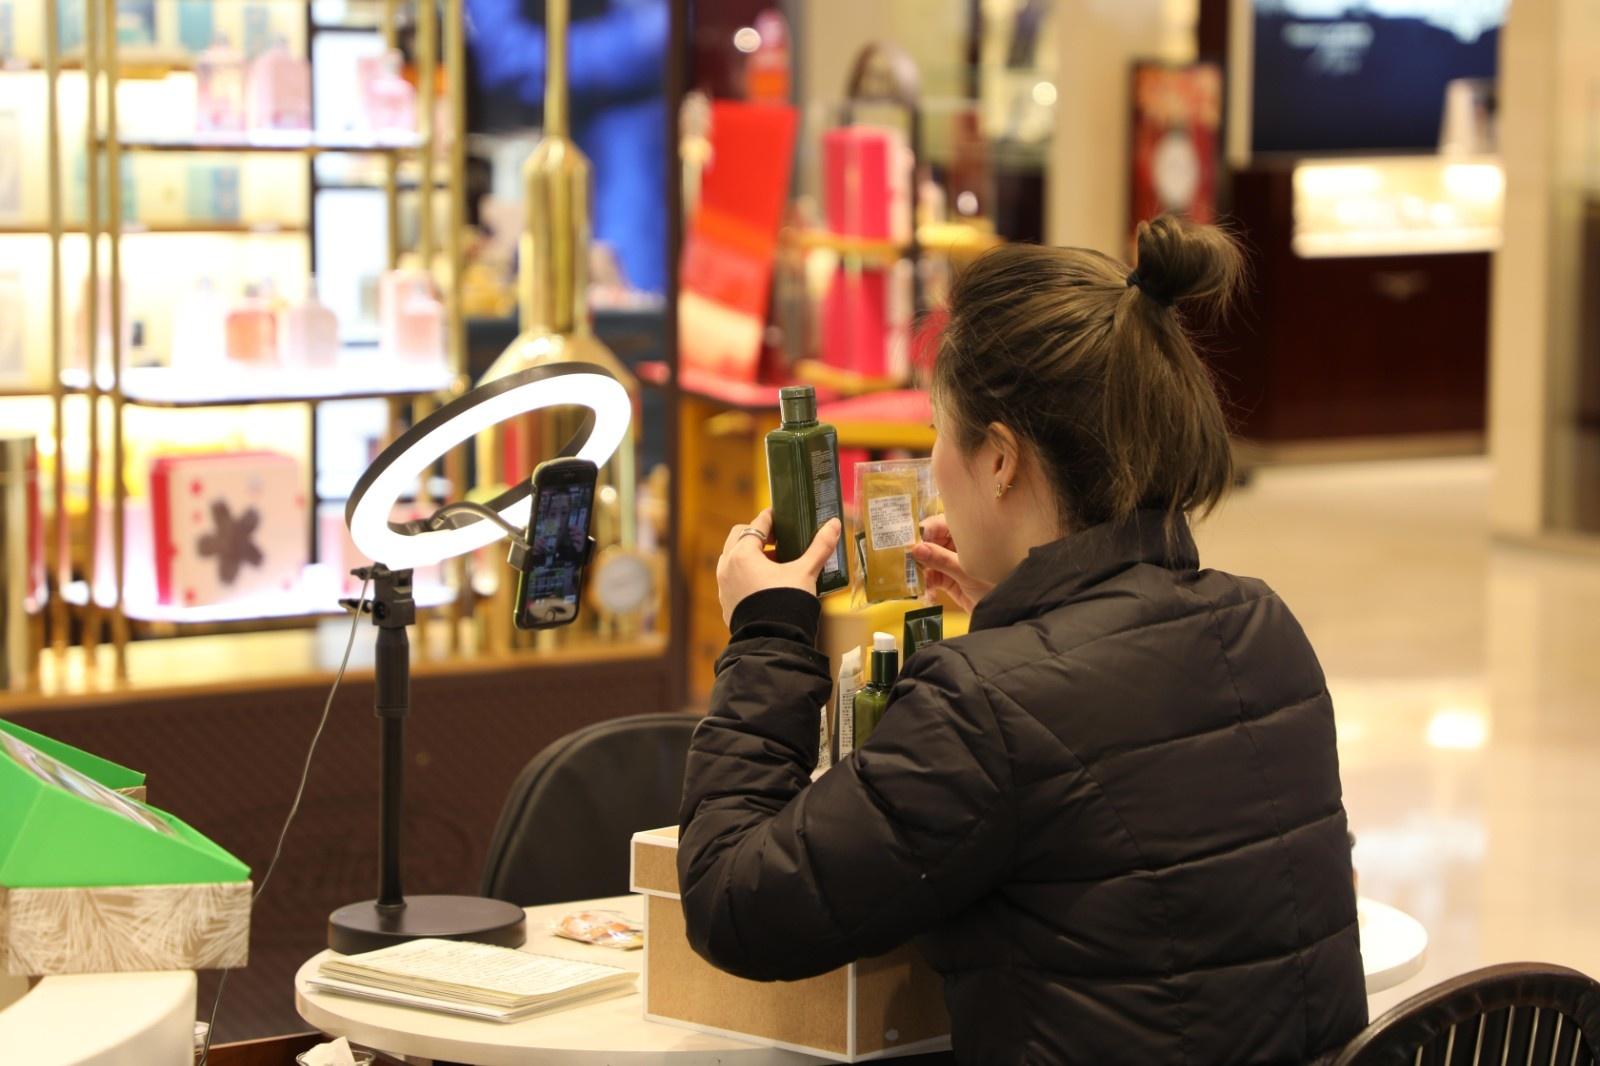 电商怎么直播带货-电商直播推广带货效果怎么样?